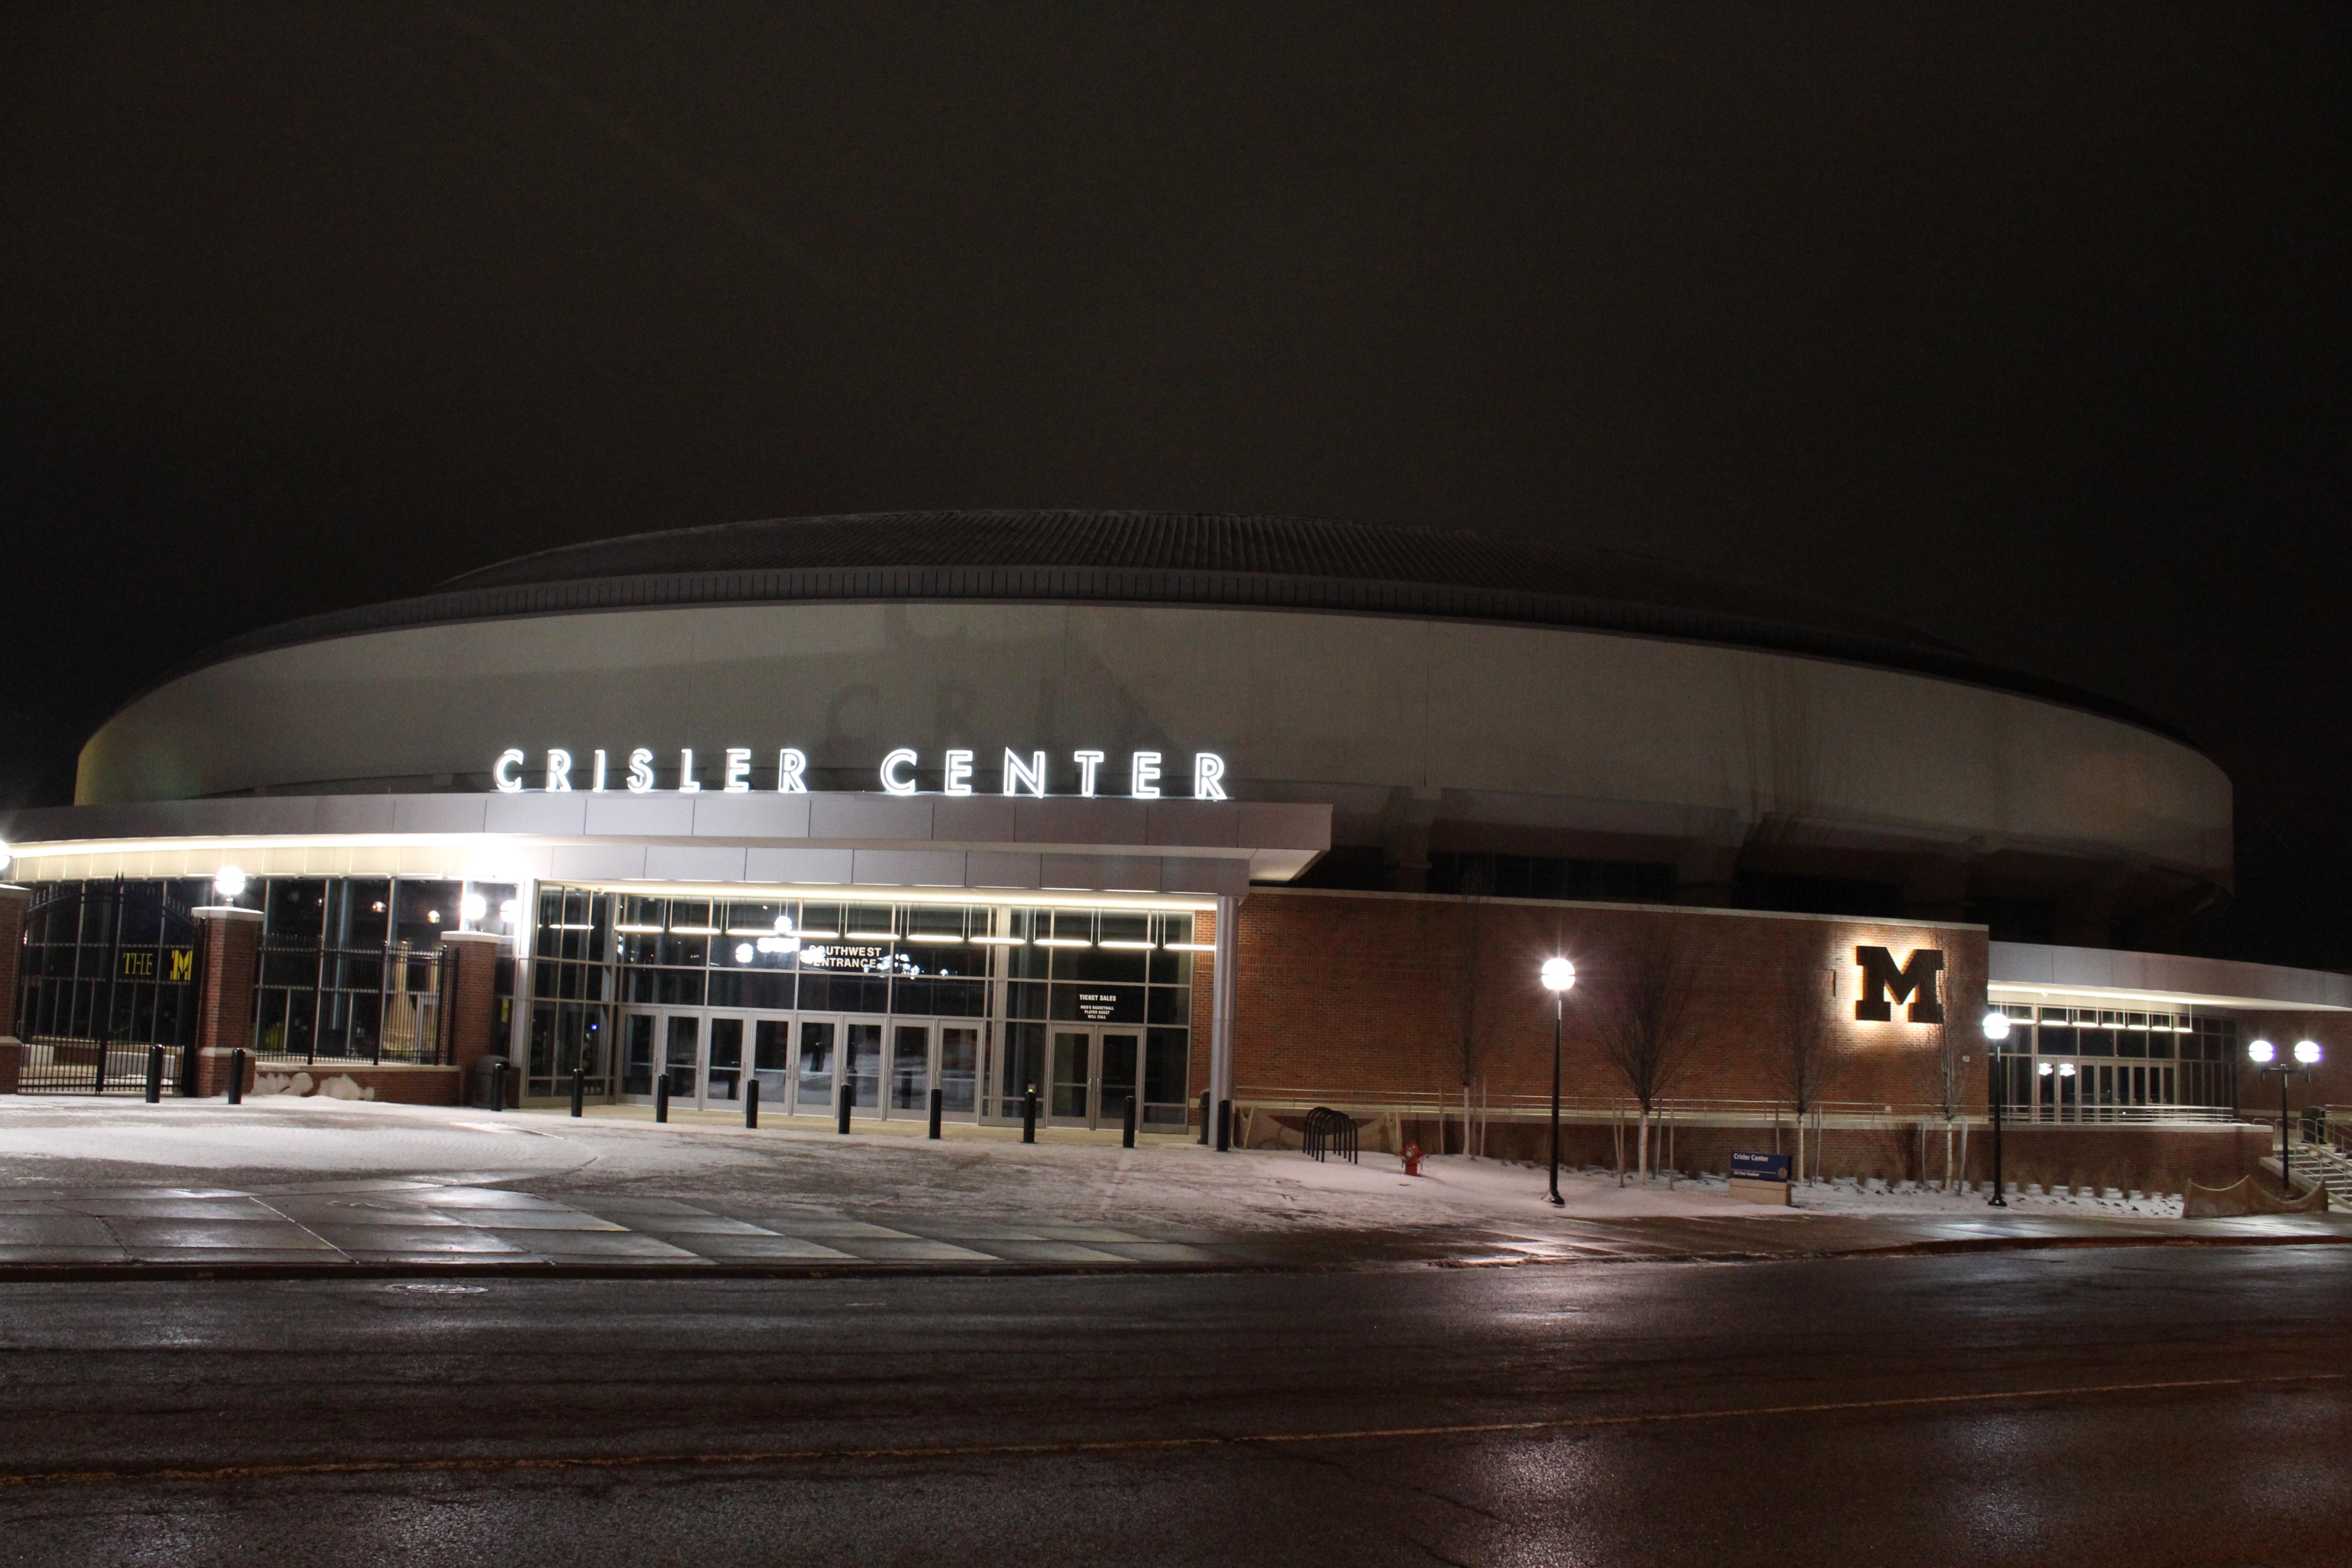 Crisler Center Wikipedia